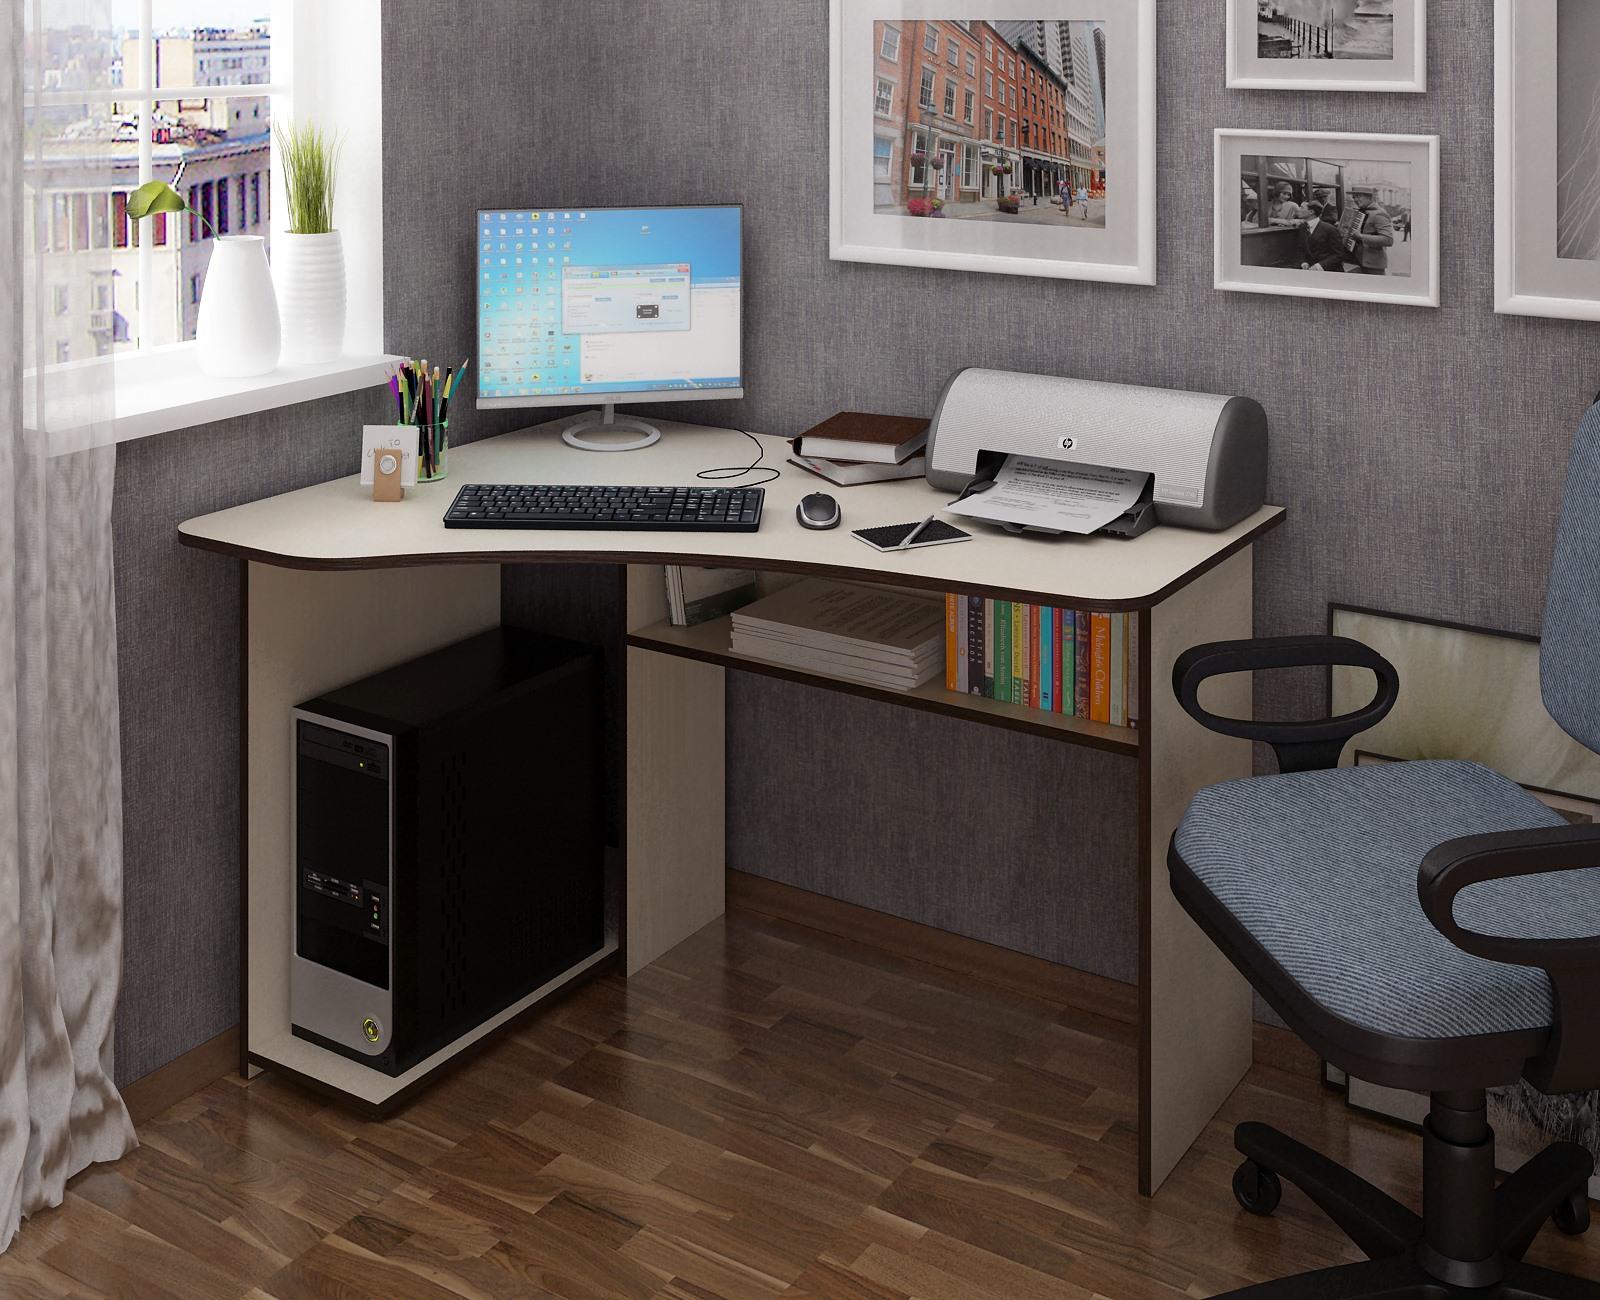 чертежи угловых компьютерных столов